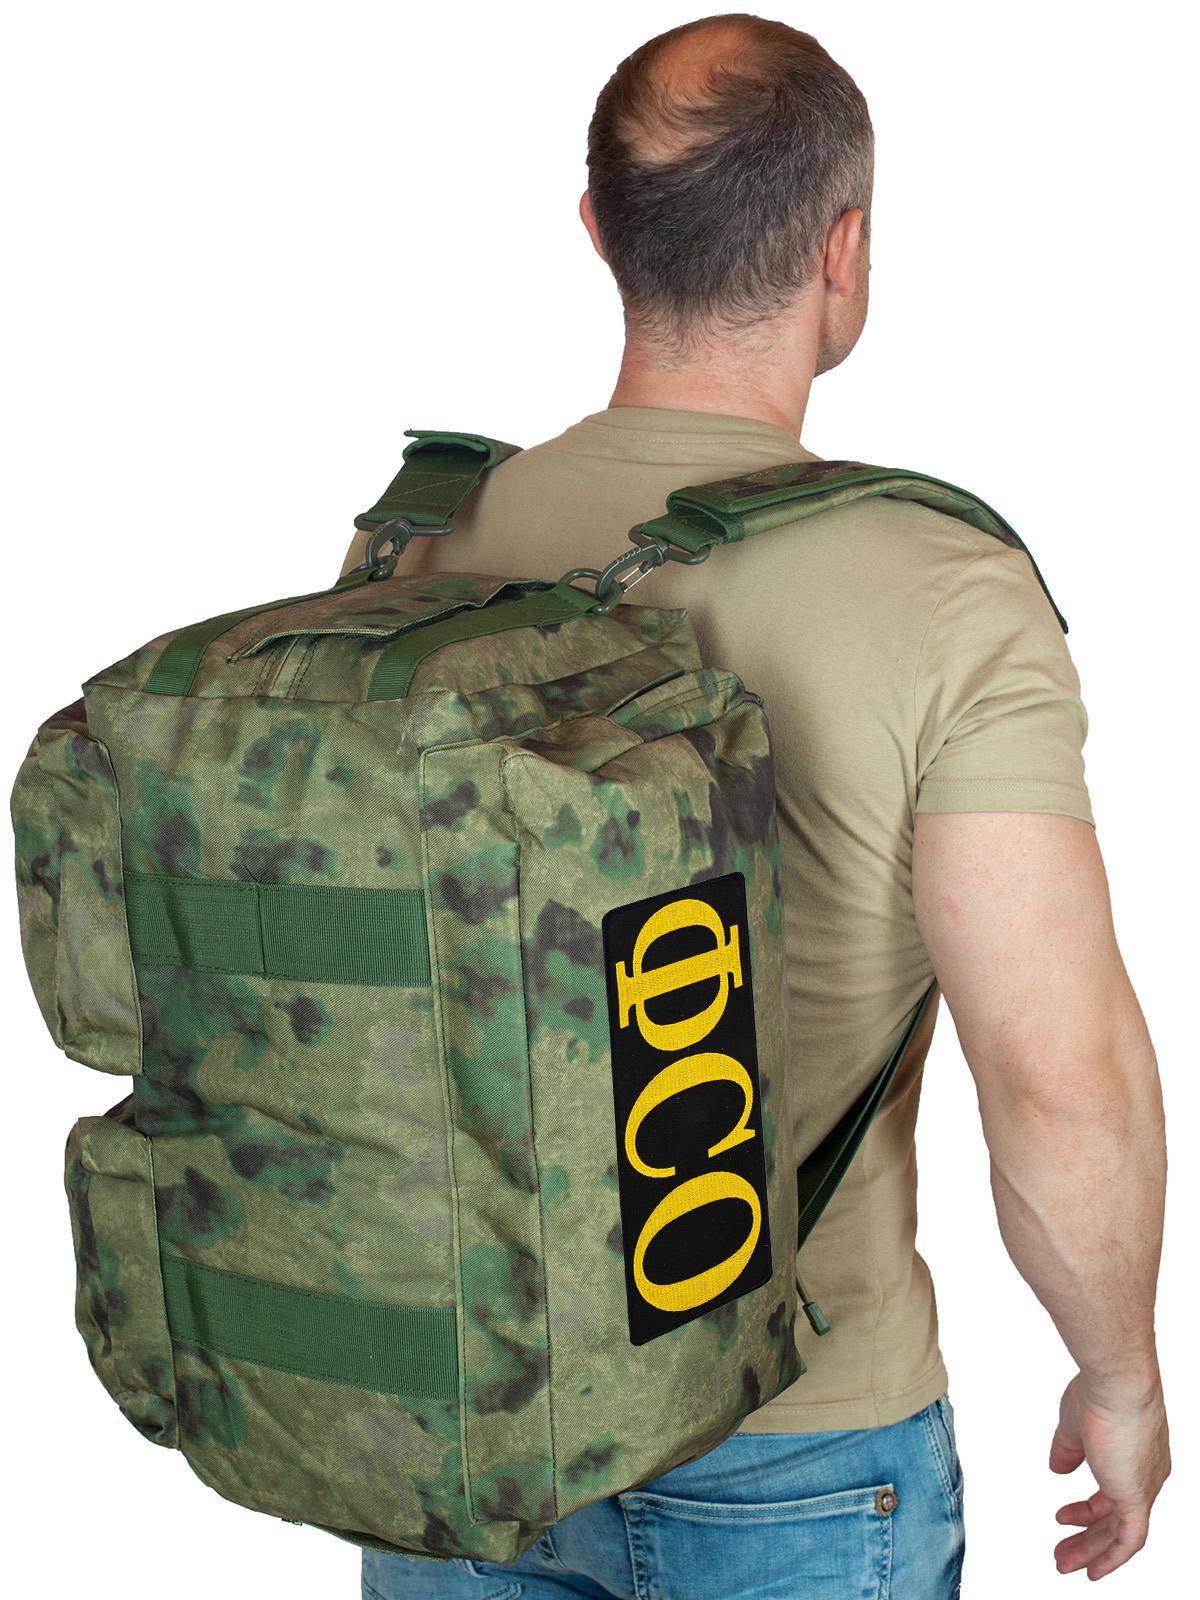 Купить камуфляжную заплечную сумку с нашивкой ФСО по выгодной цене